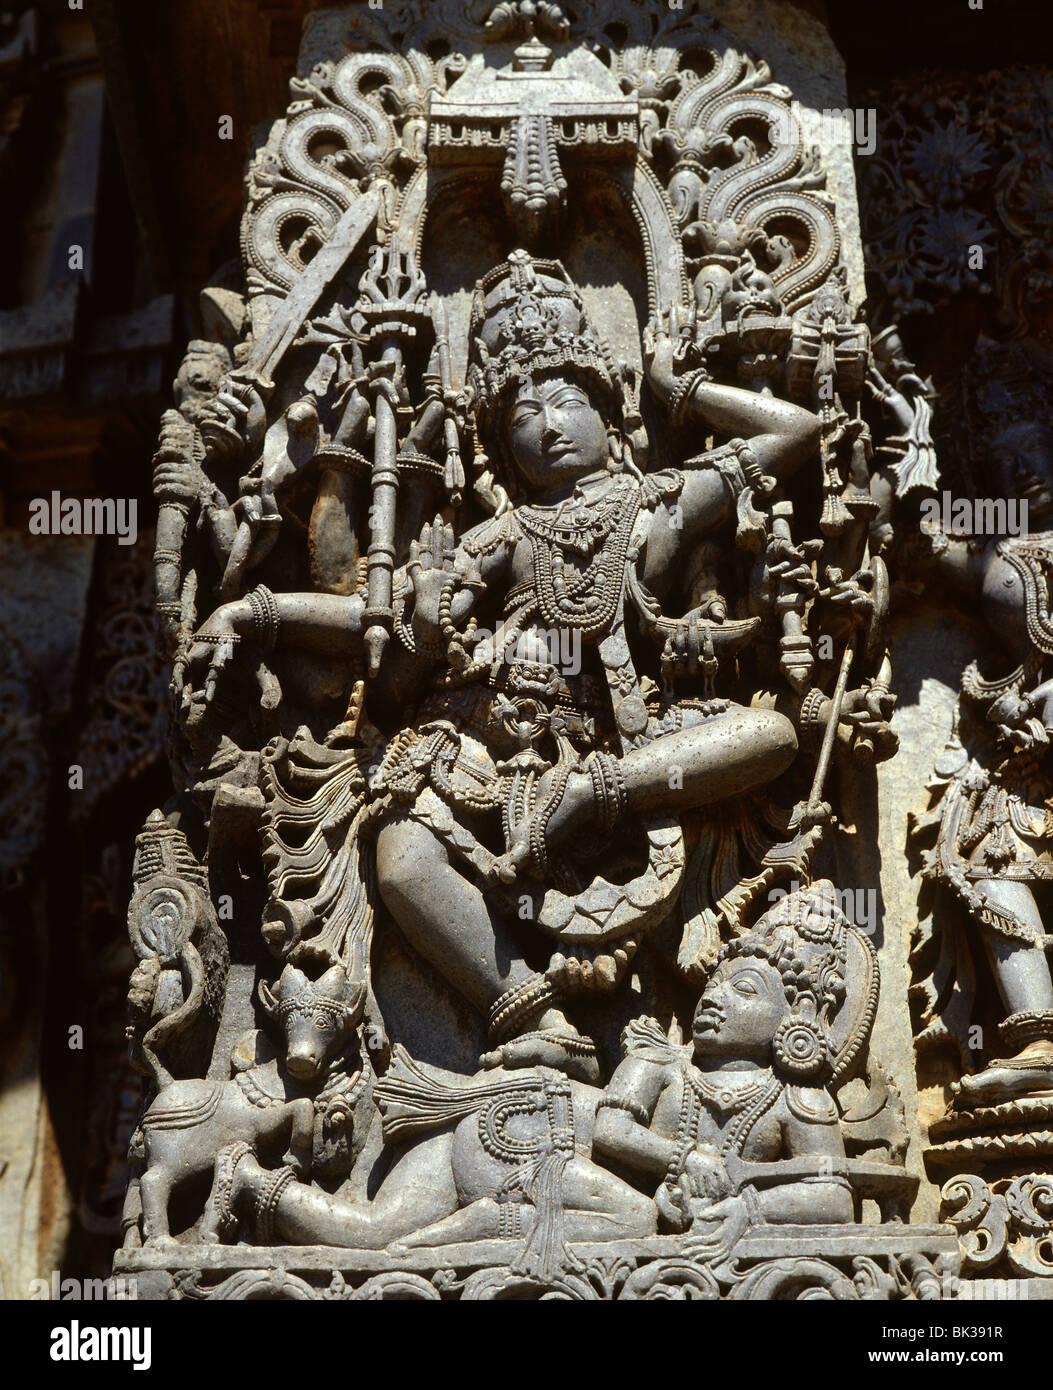 Close-up of the Hindu goddess Durga, detail of the Hoyasala temple at Halebid, Karnataka, India, Asia - Stock Image